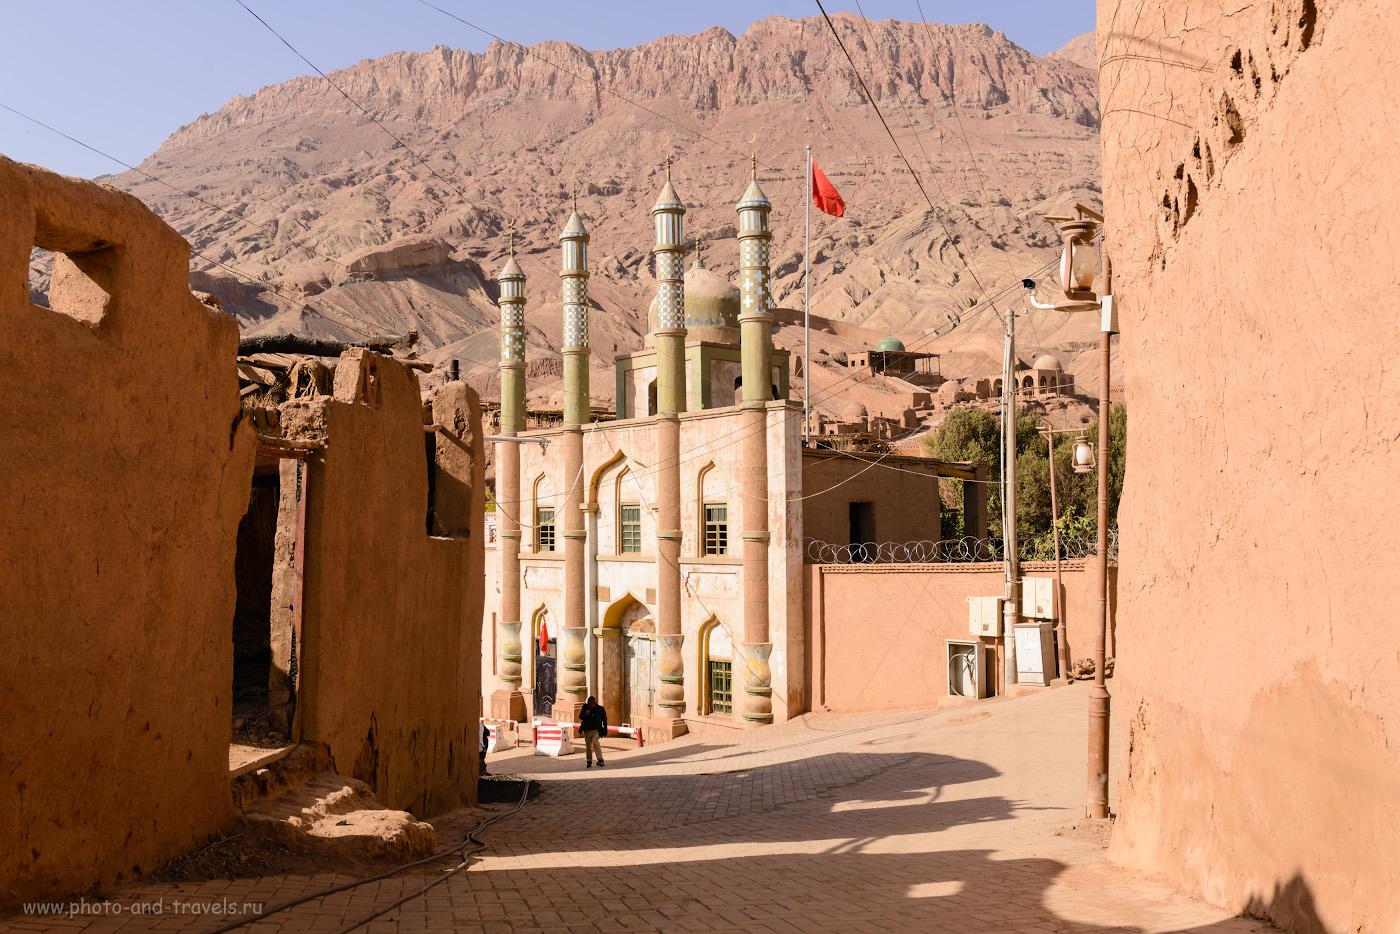 Снимок 20. Мечеть на центральной площади кишлака Туюк-мазар. Отзыв об экскурсии из Урумчи. Куда поехать. 1/250, +0.67, 8.0, 100, 29.